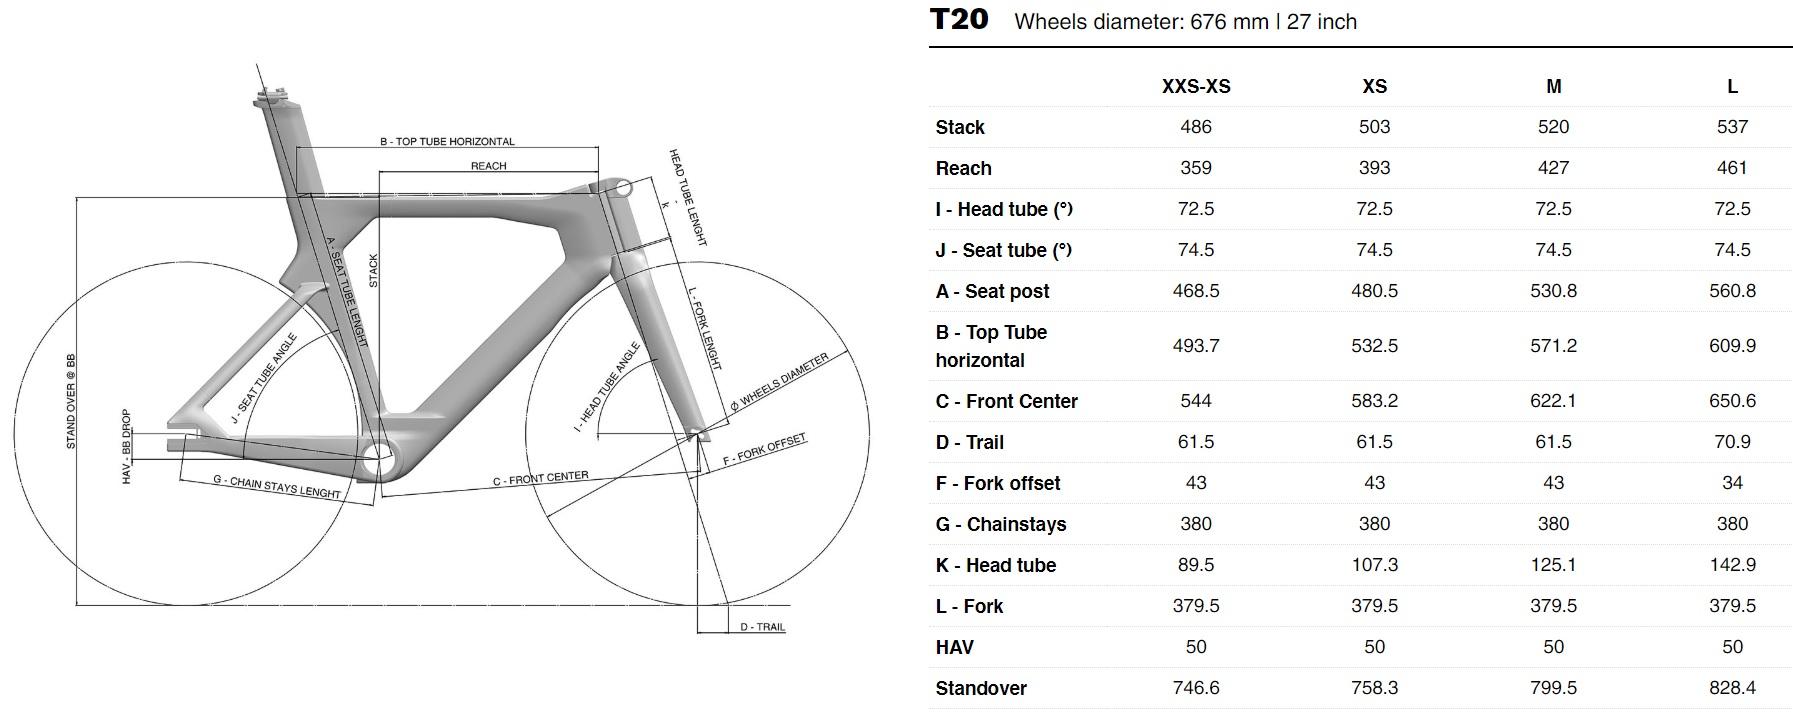 LOOK-Cycle-T20-track-bike-2020-Tokyo-carbon-bicycle-geometry.jpg